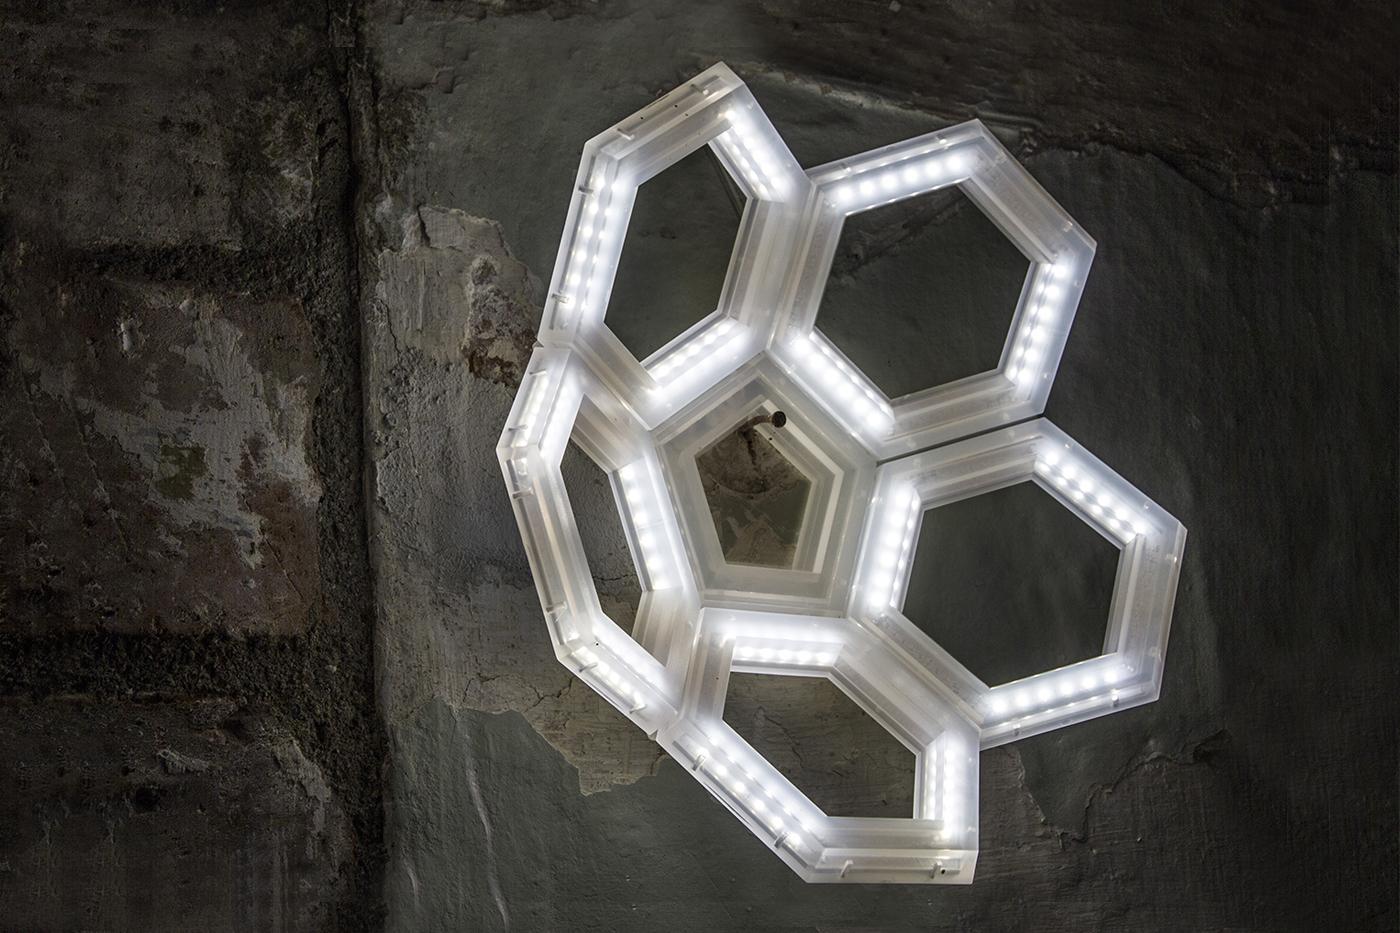 C5 Lampade da parete a led moderne e di design